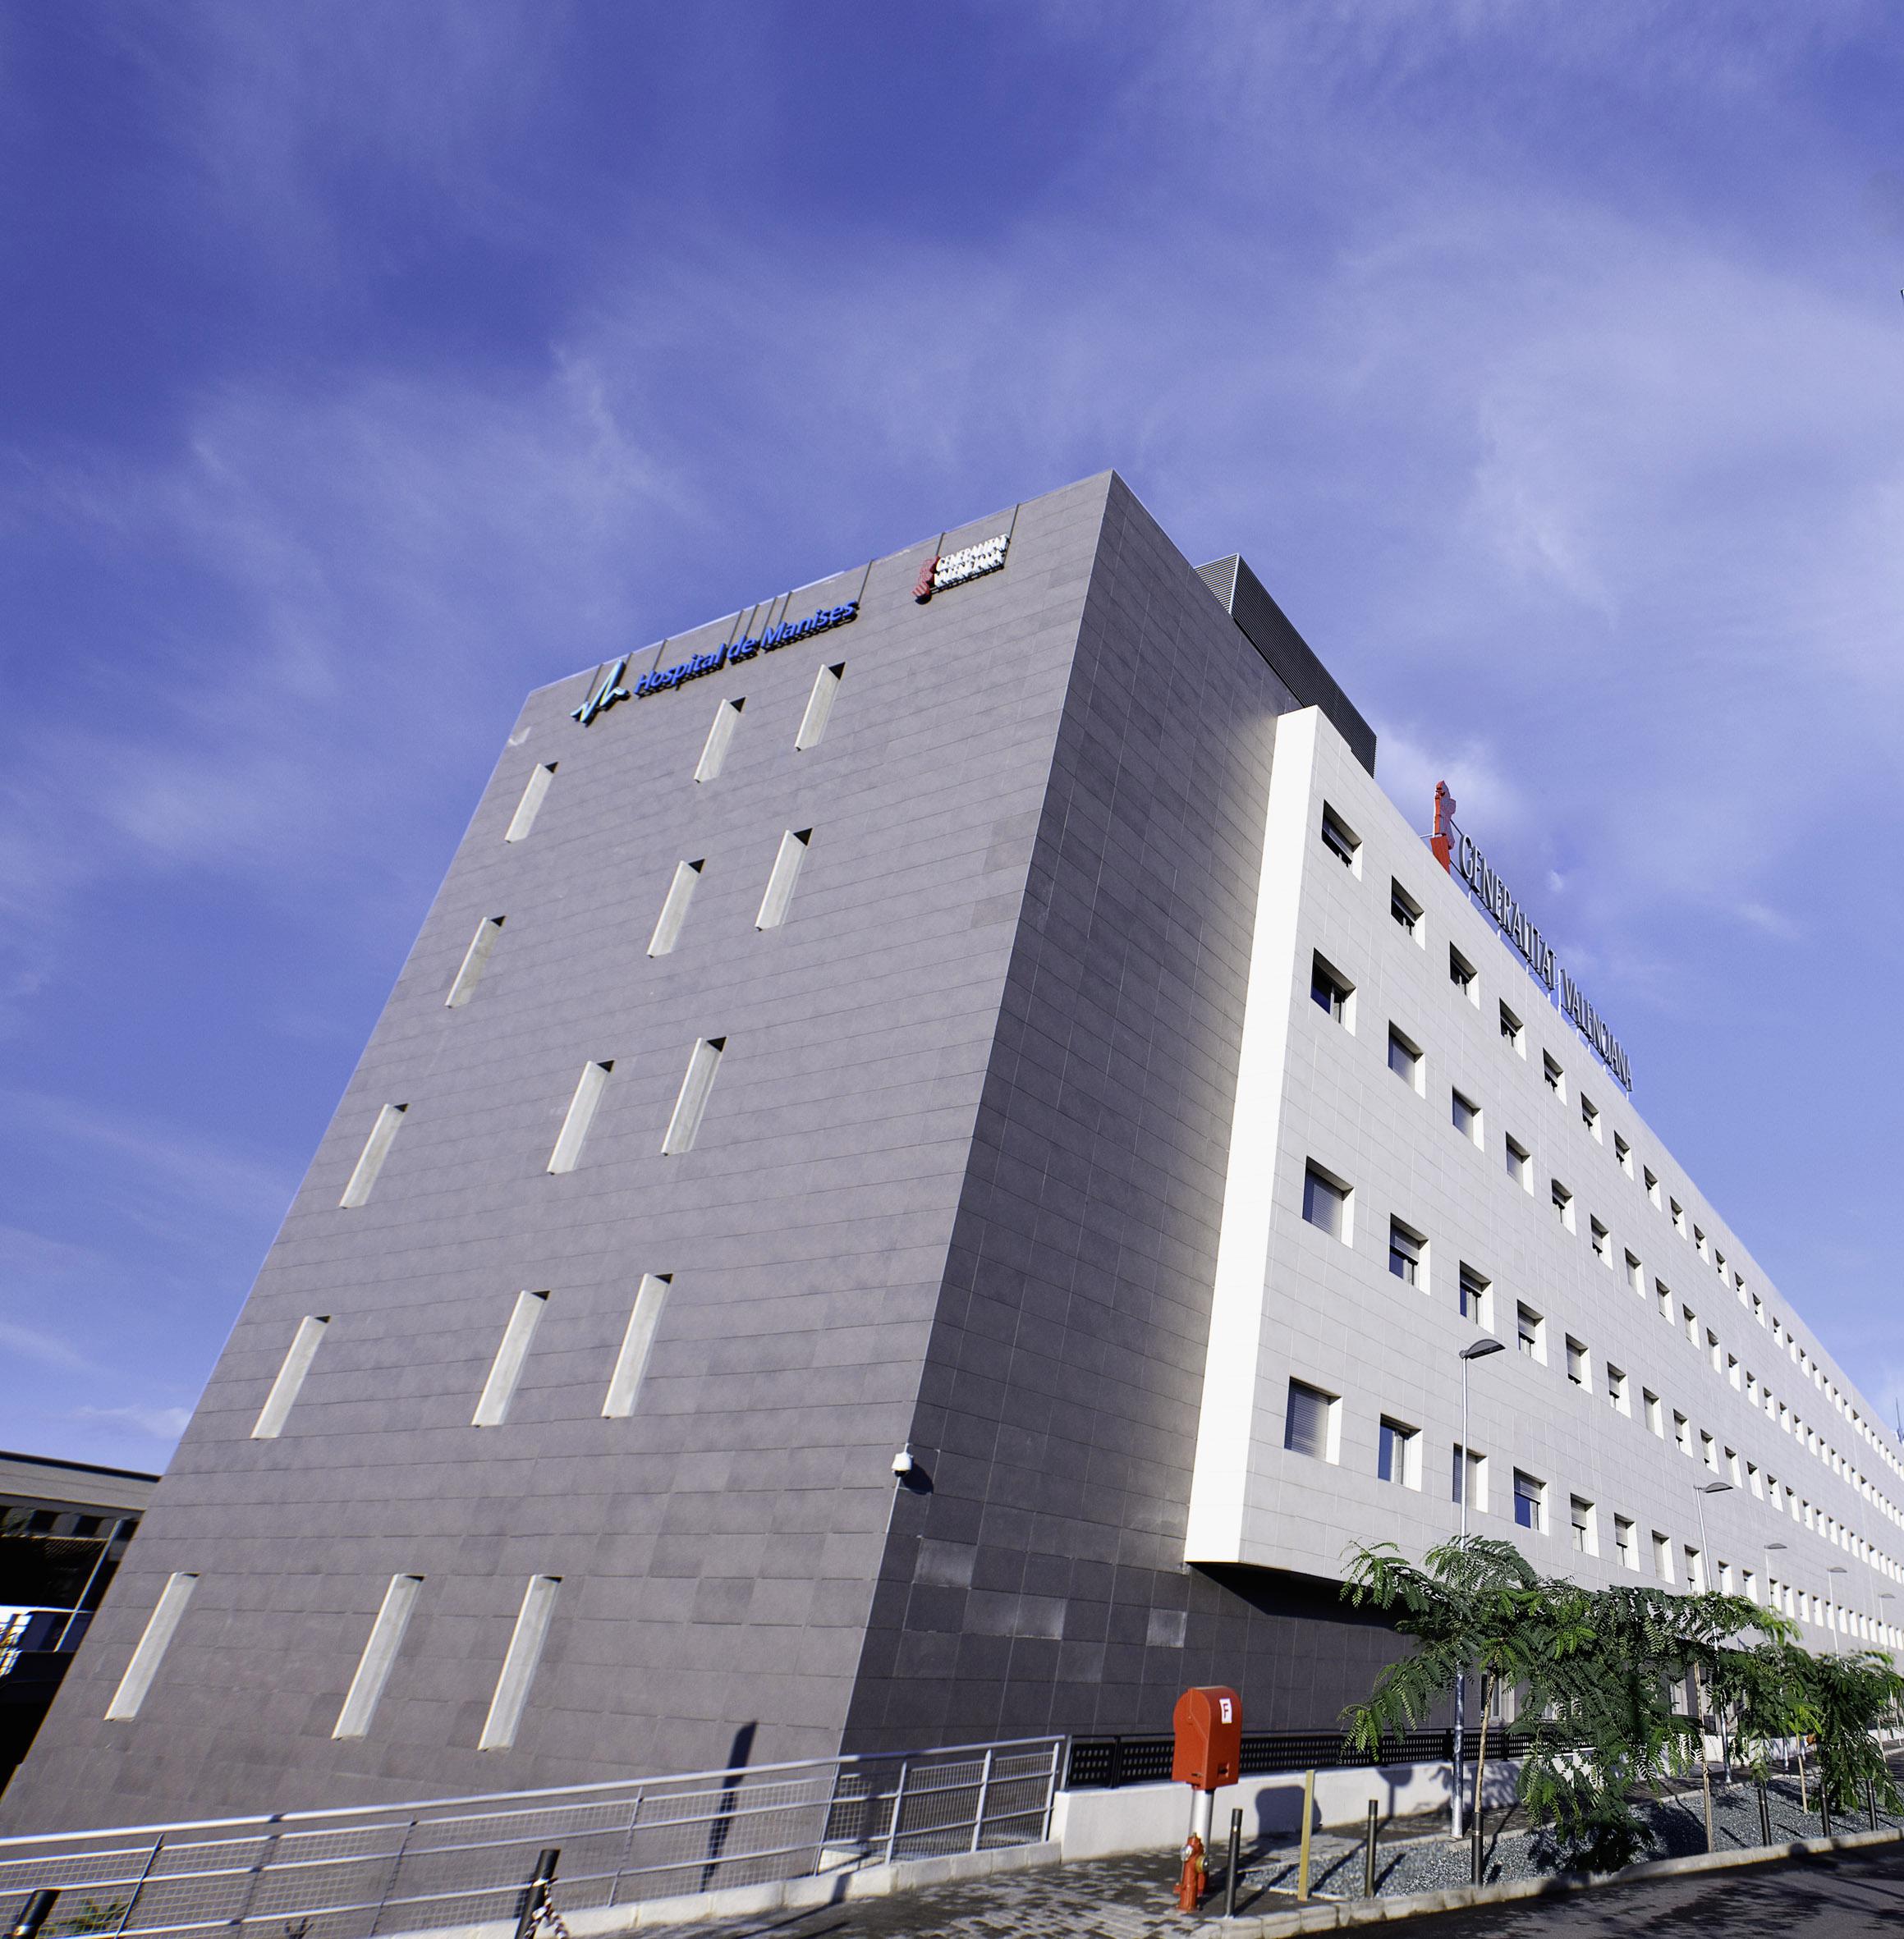 Manises, nominado como Mejor Hospital en los premios Best in Class.